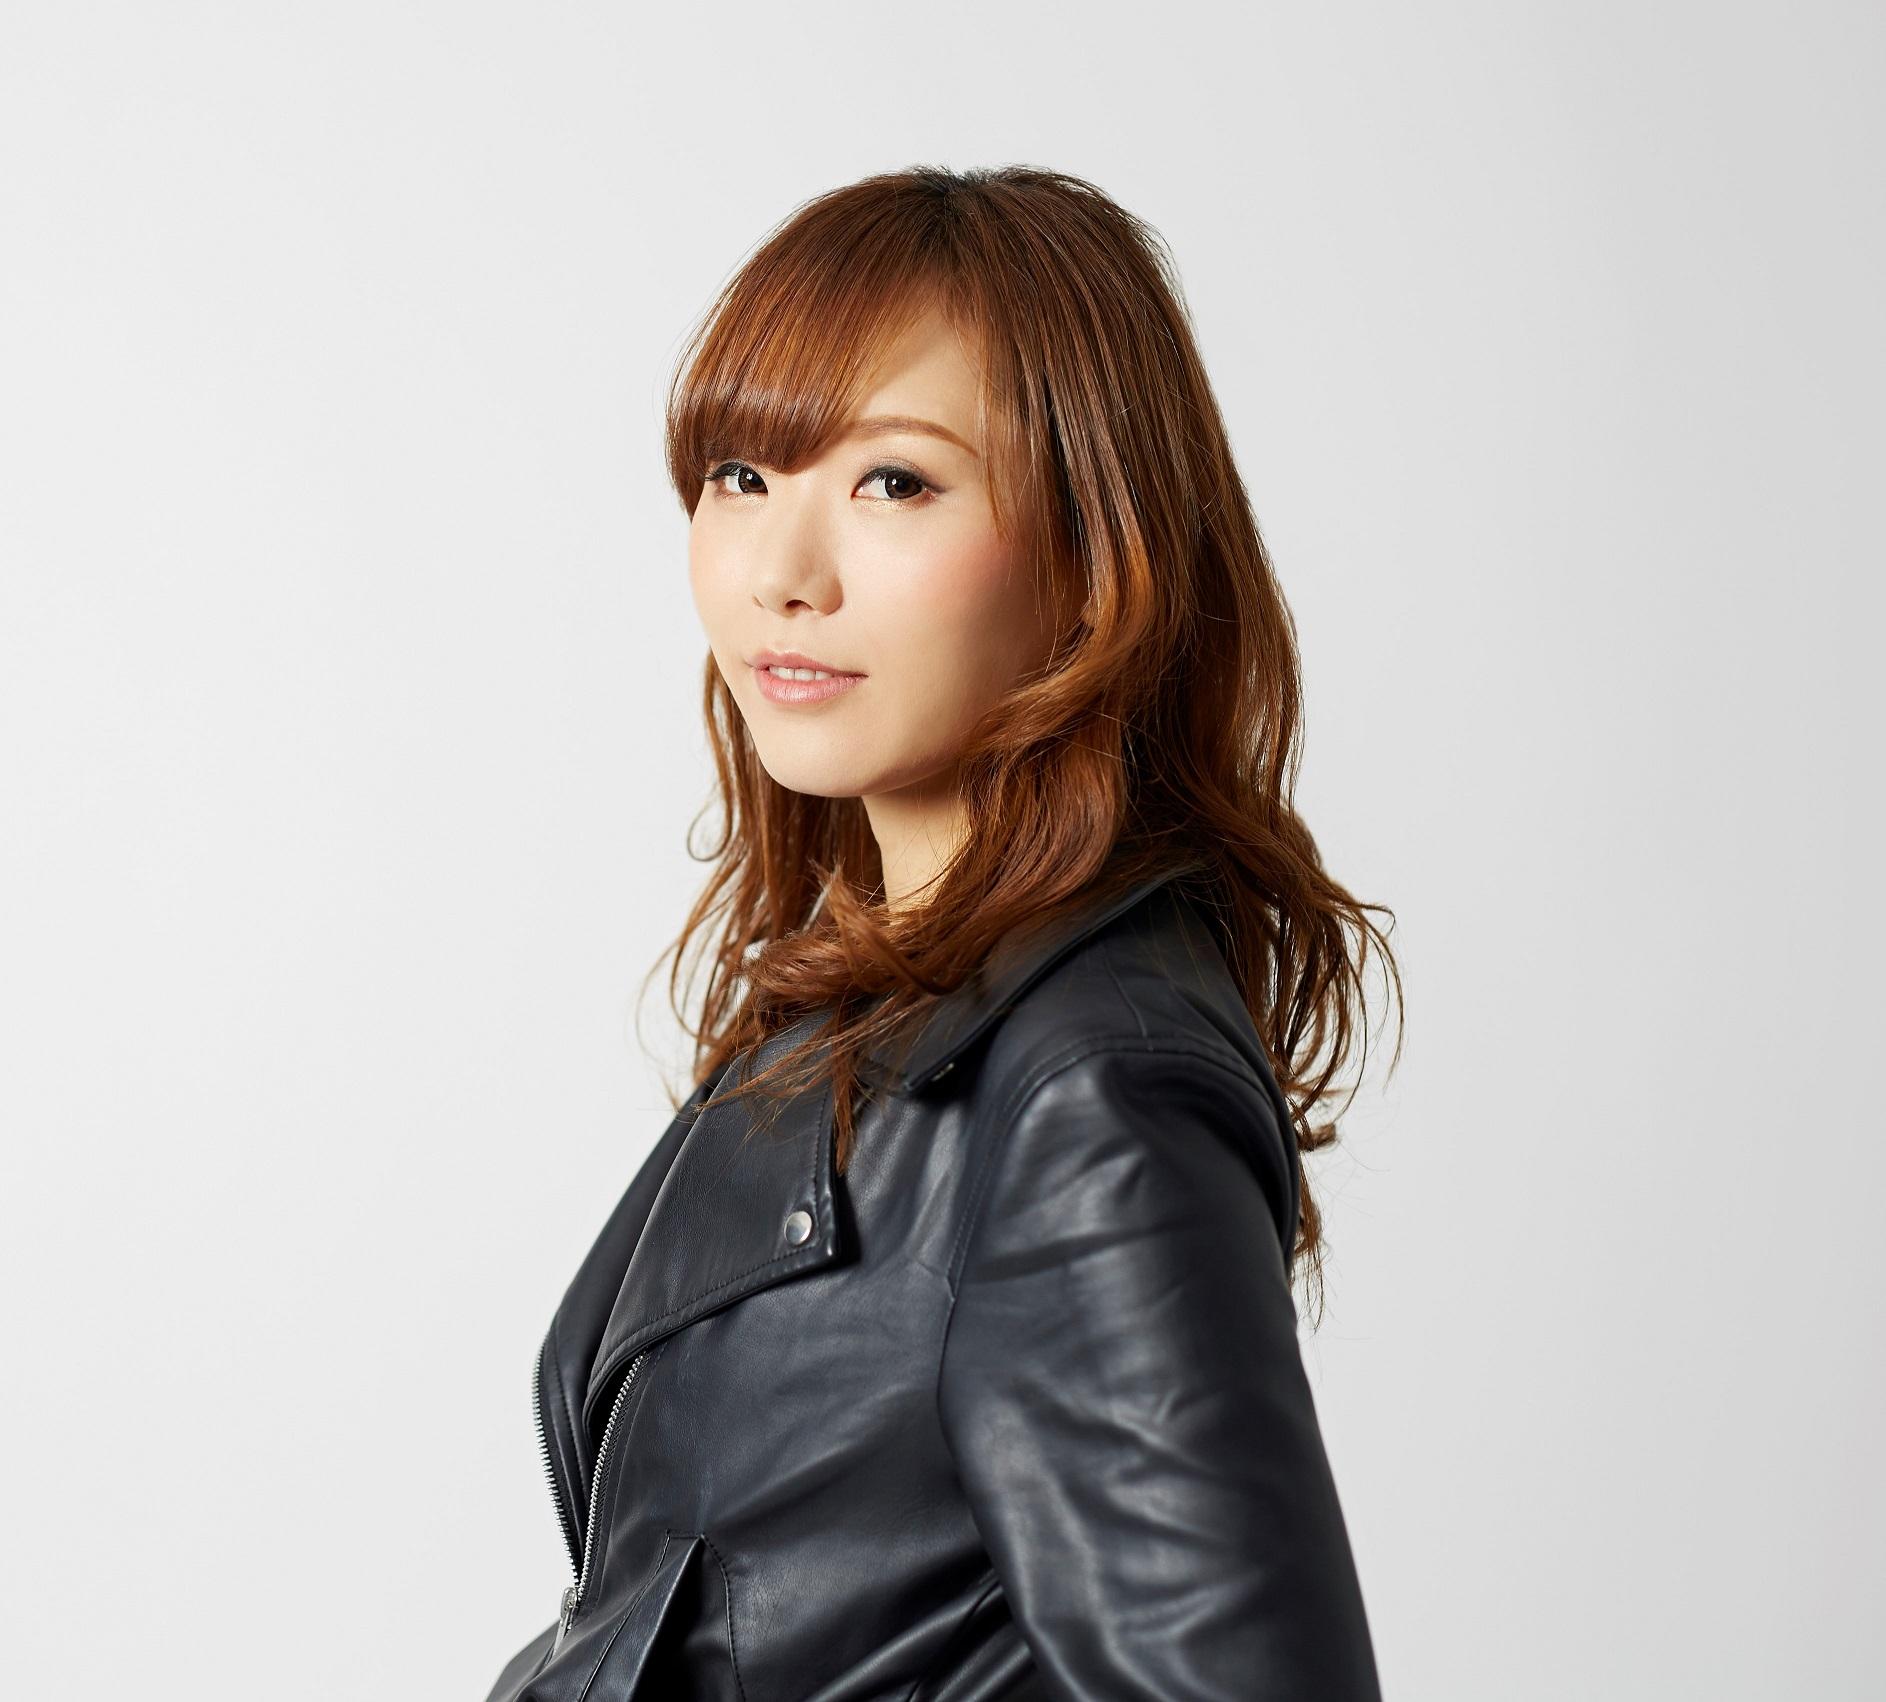 はるのまい vs 伊藤汐梨 vs 西村加奈 vs 瑠愛